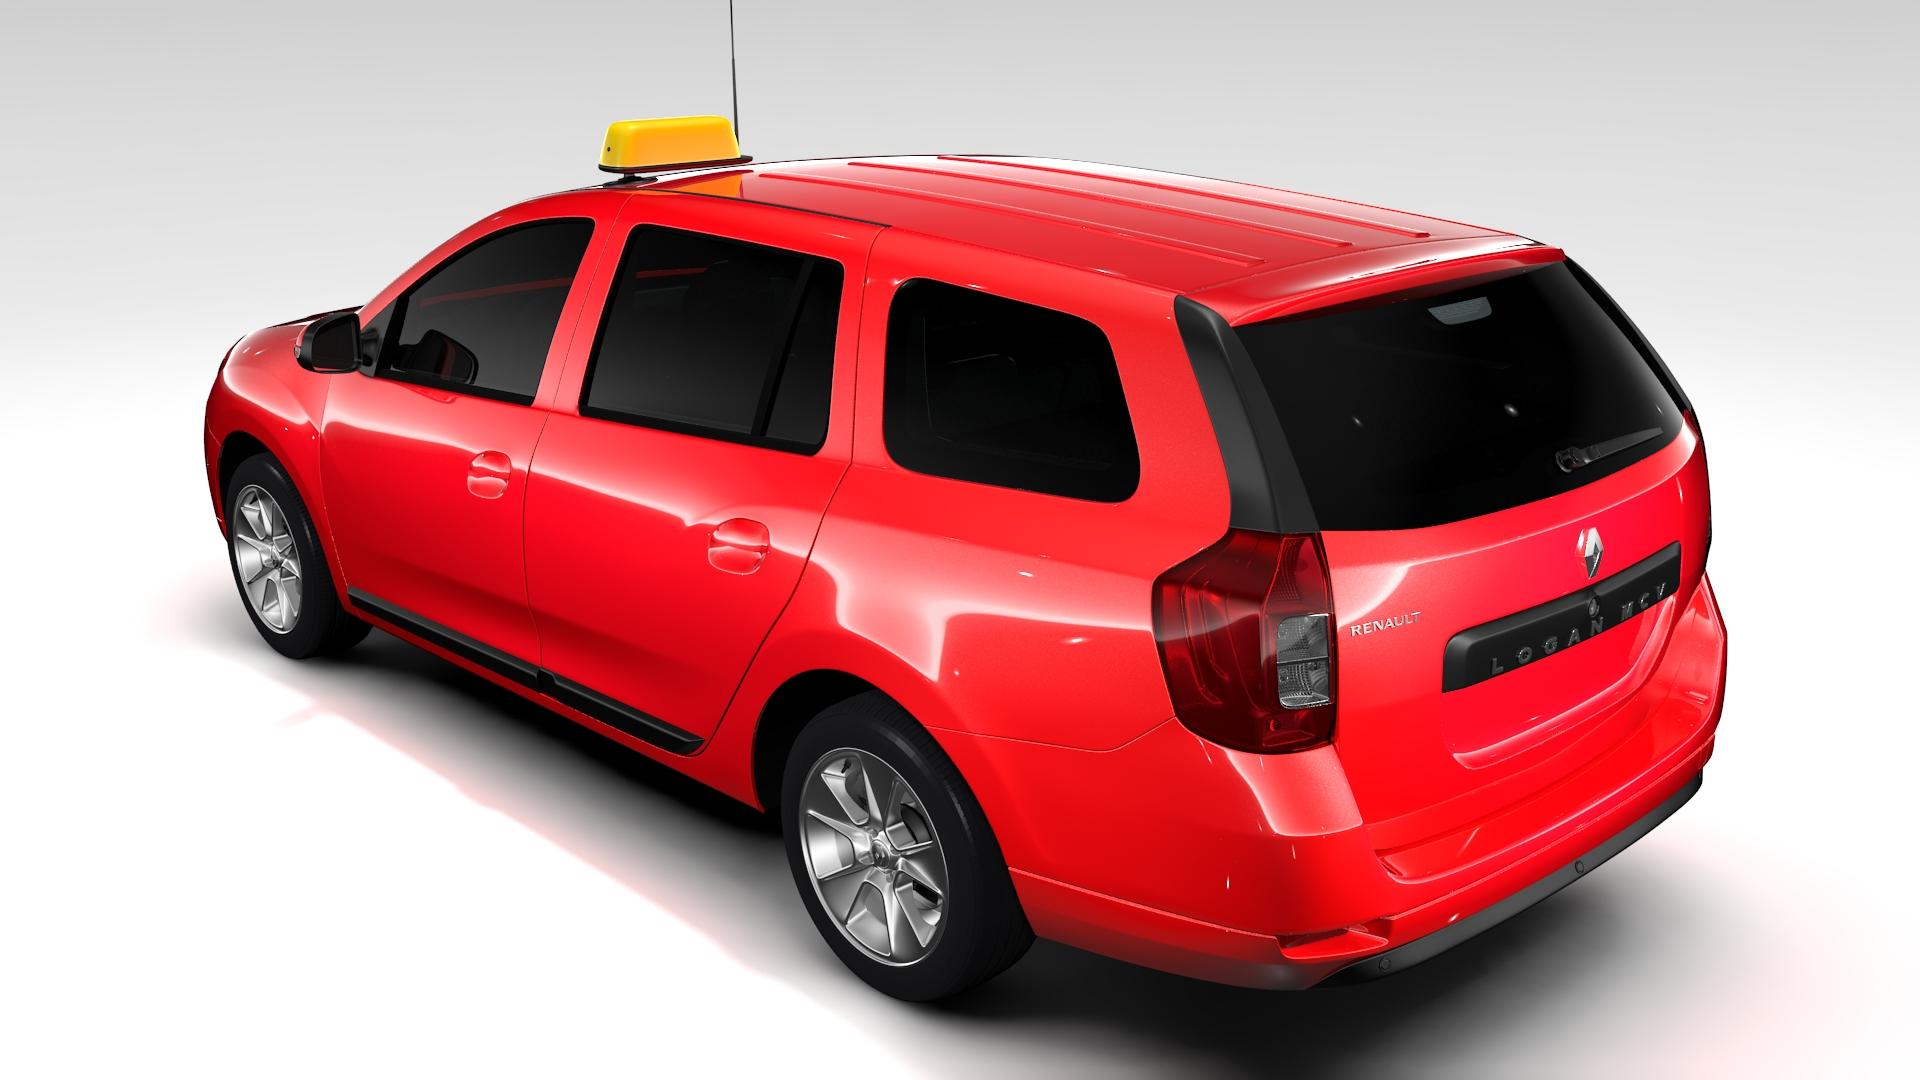 renault logan mcv taxi 2016 3d model 3ds max fbx c4d lwo ma mb hrc xsi obj 221285